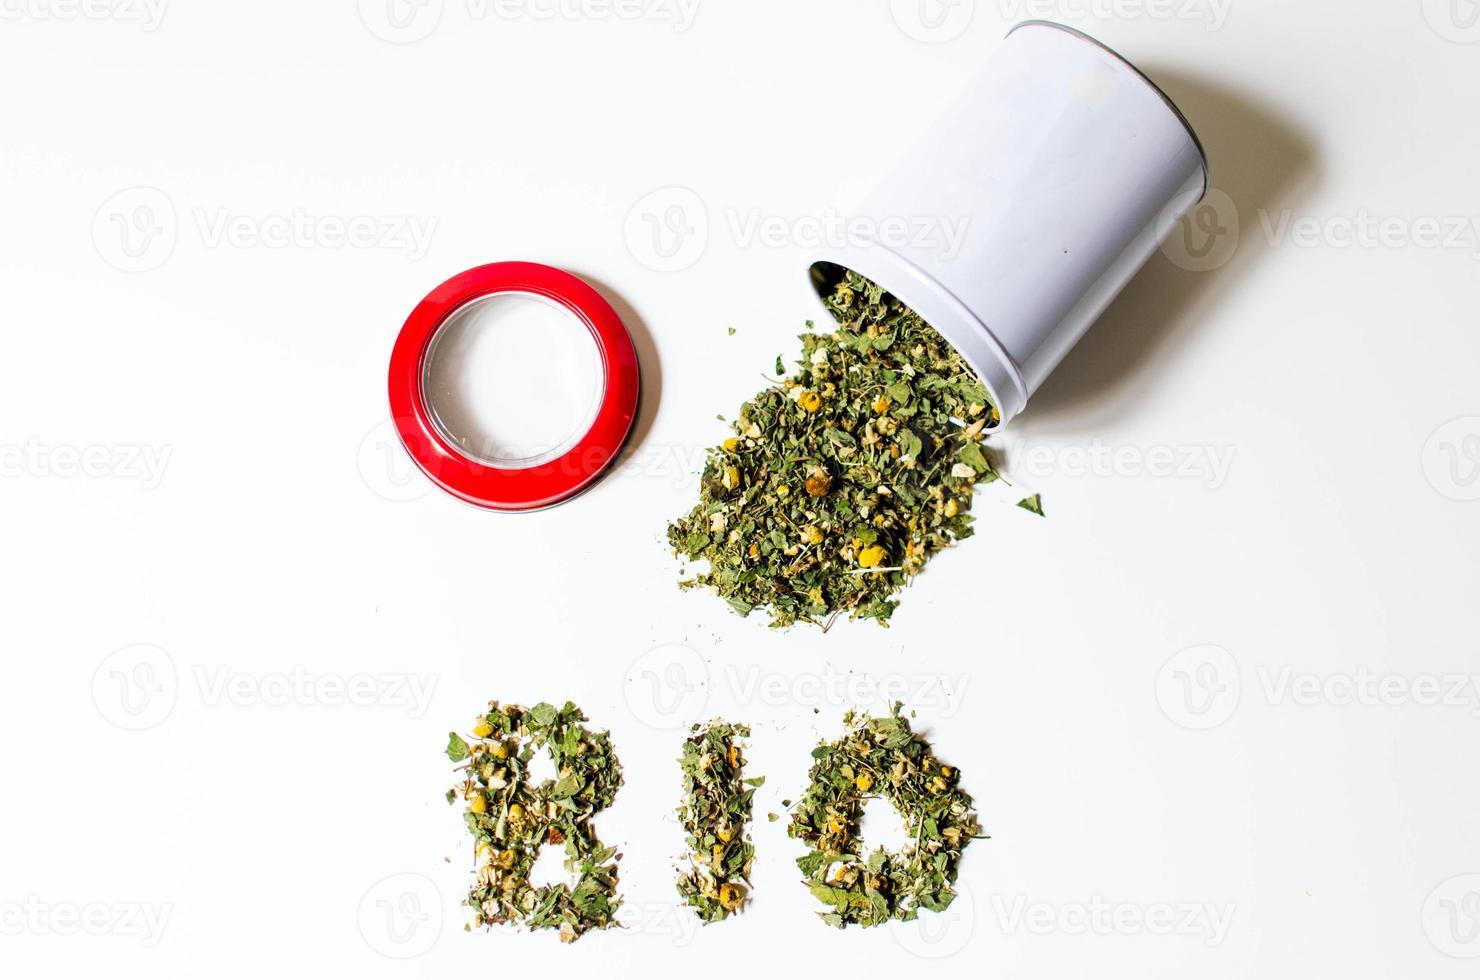 renversé pot de thé bio en vrac avec un couvercle rouge photo